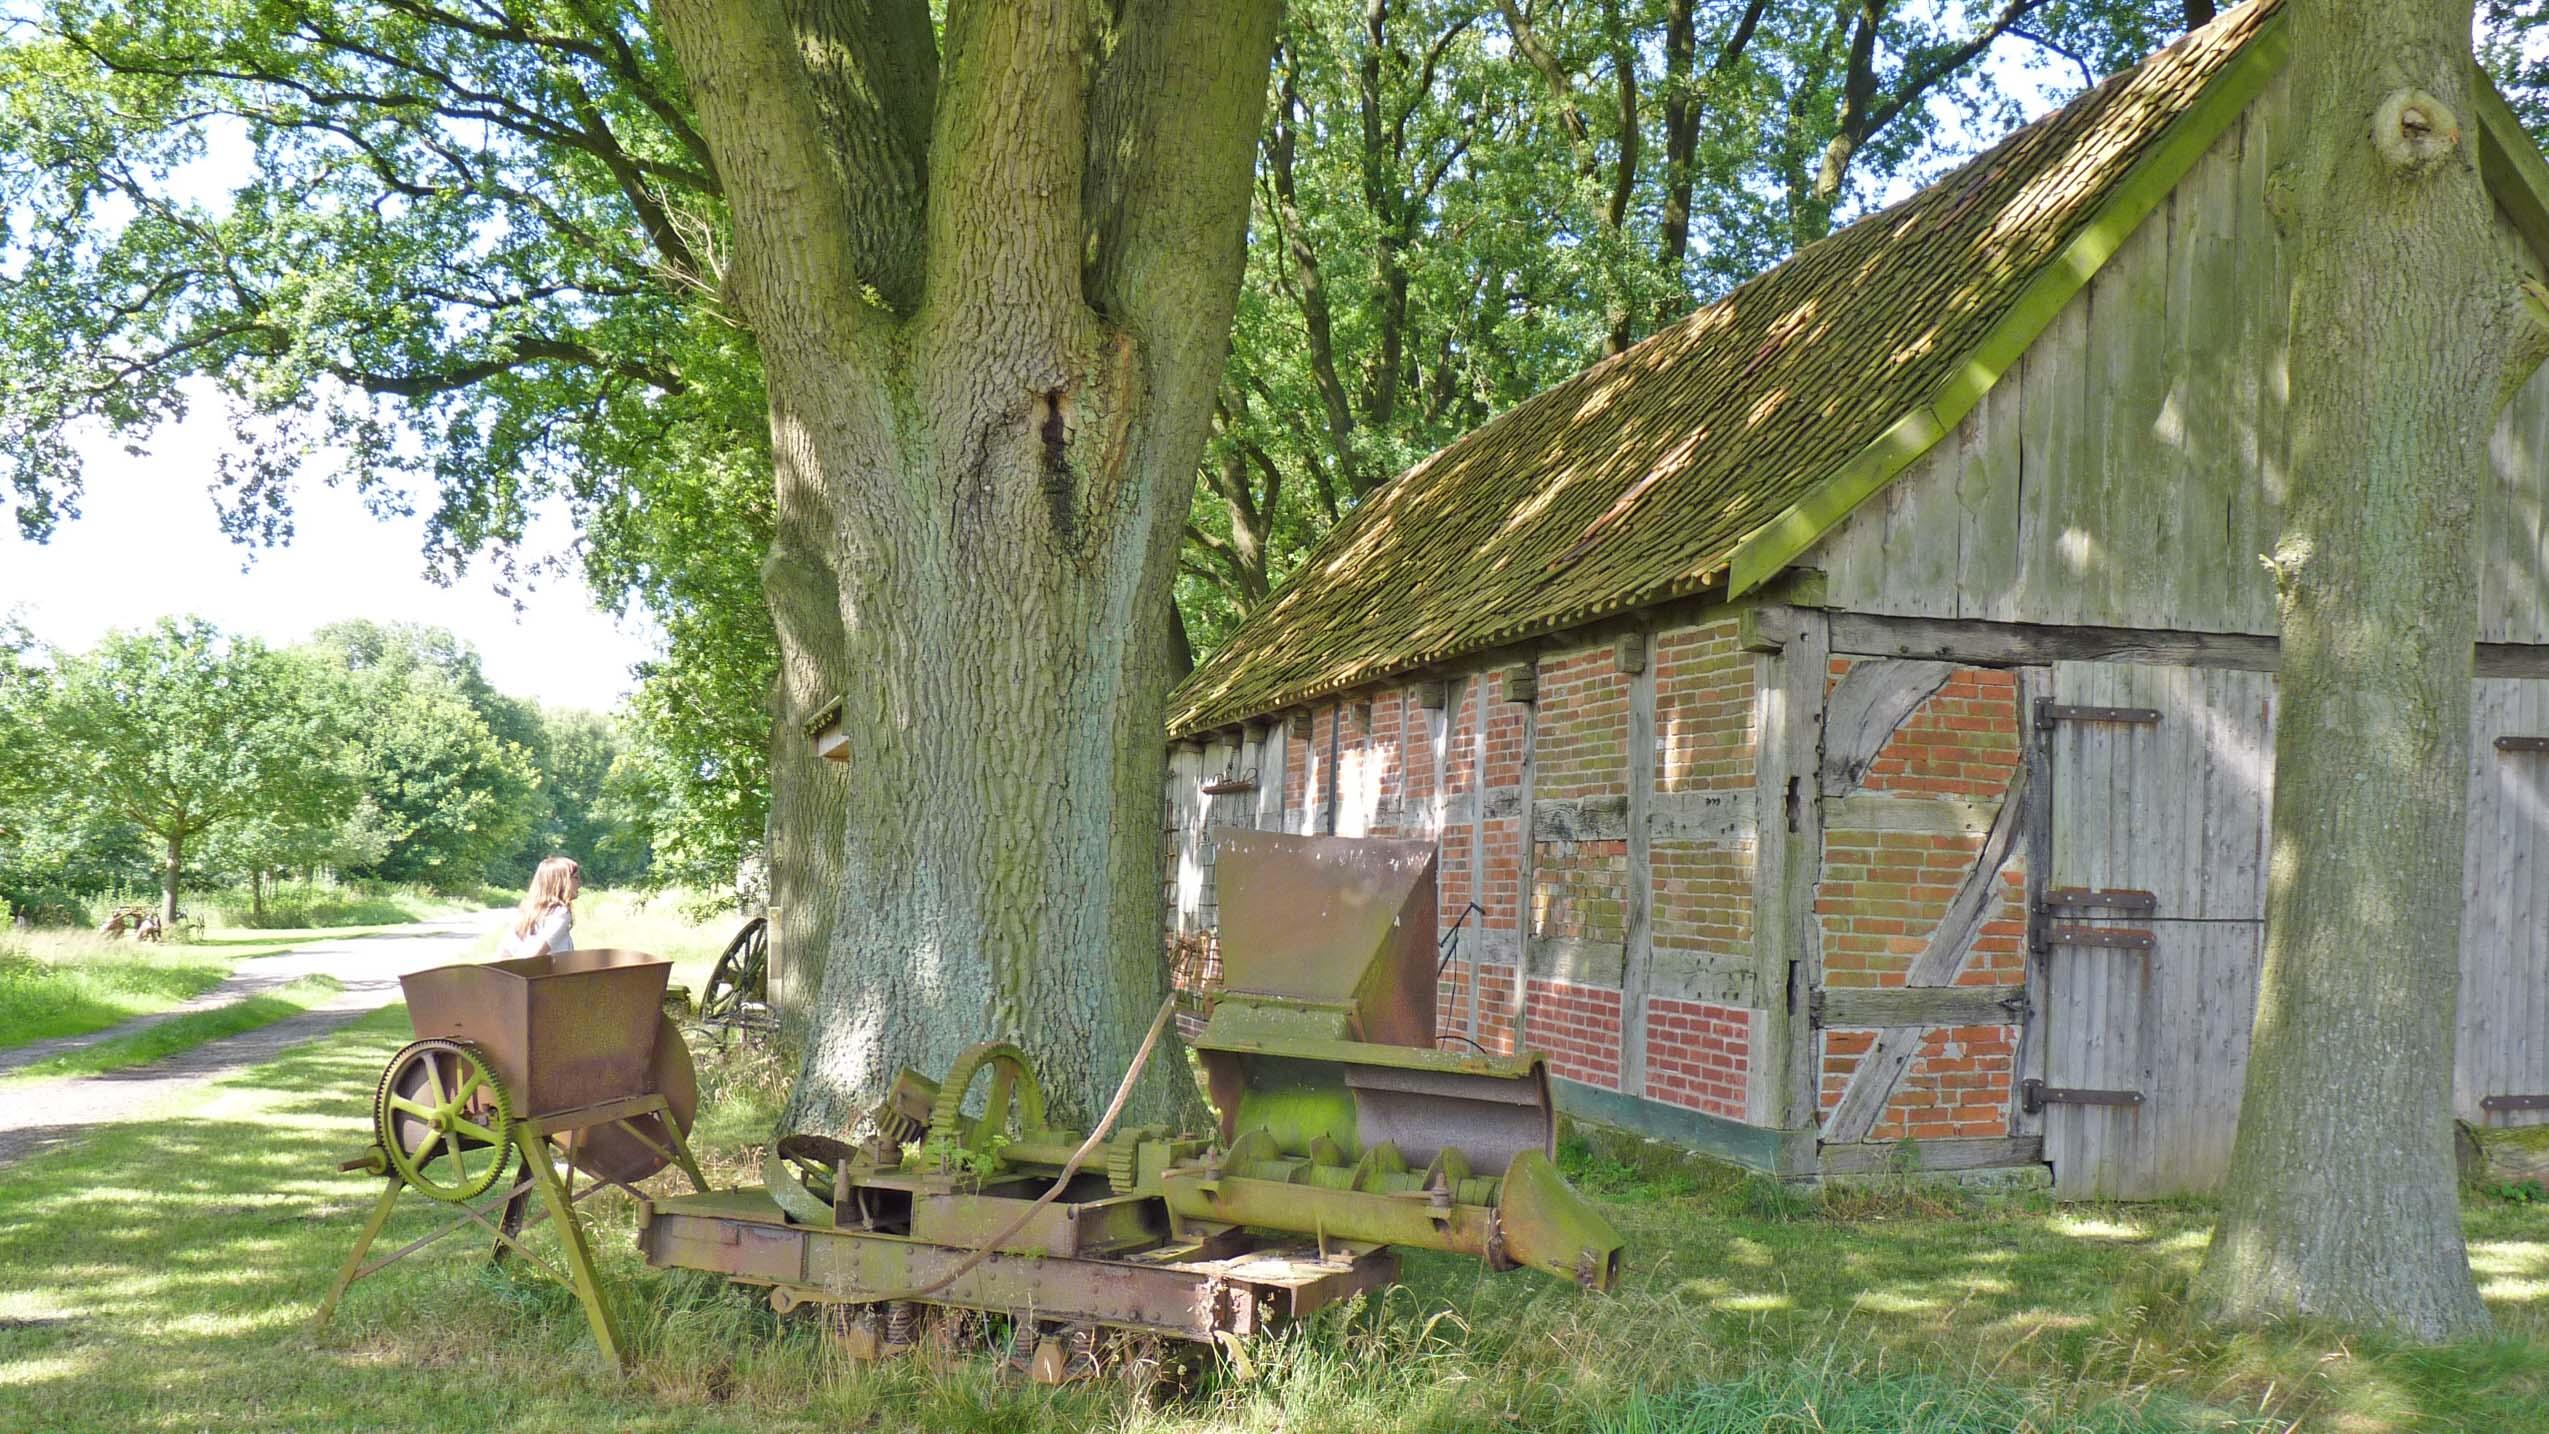 Der Schafstall in Unterstedt zeigt viele alte landwirtschaftliche Geräte